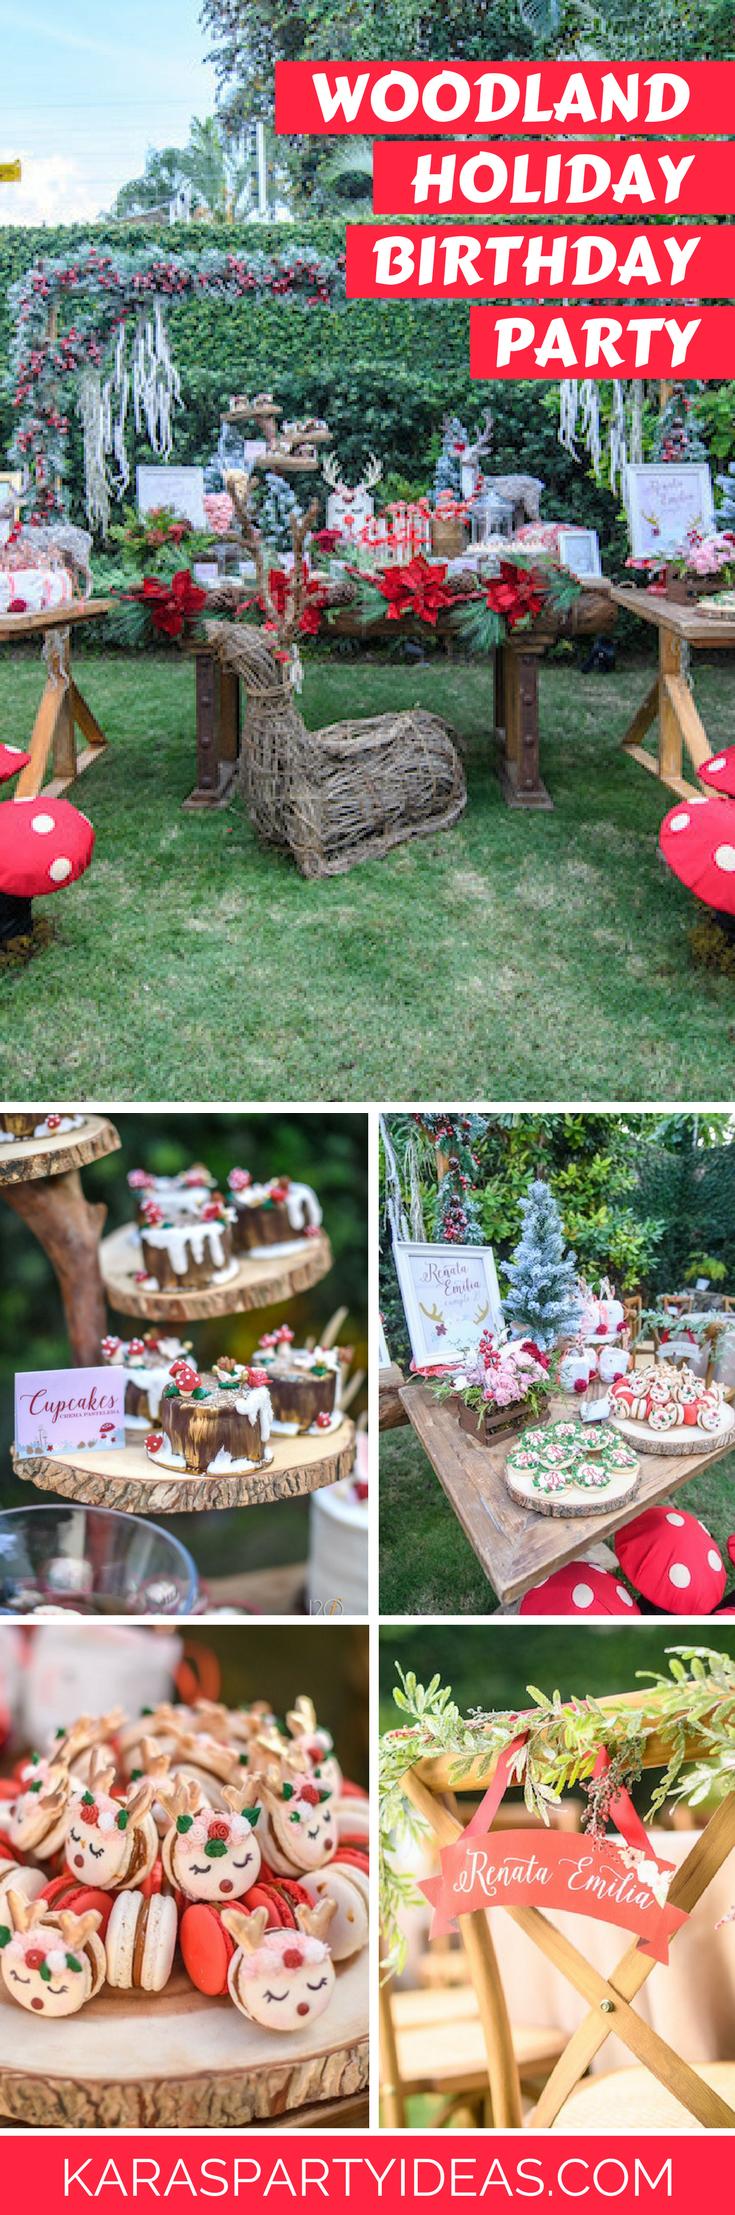 Woodland Holiday Birthday Party via Kara's Party Ideas - KarasPartyIdeas.com